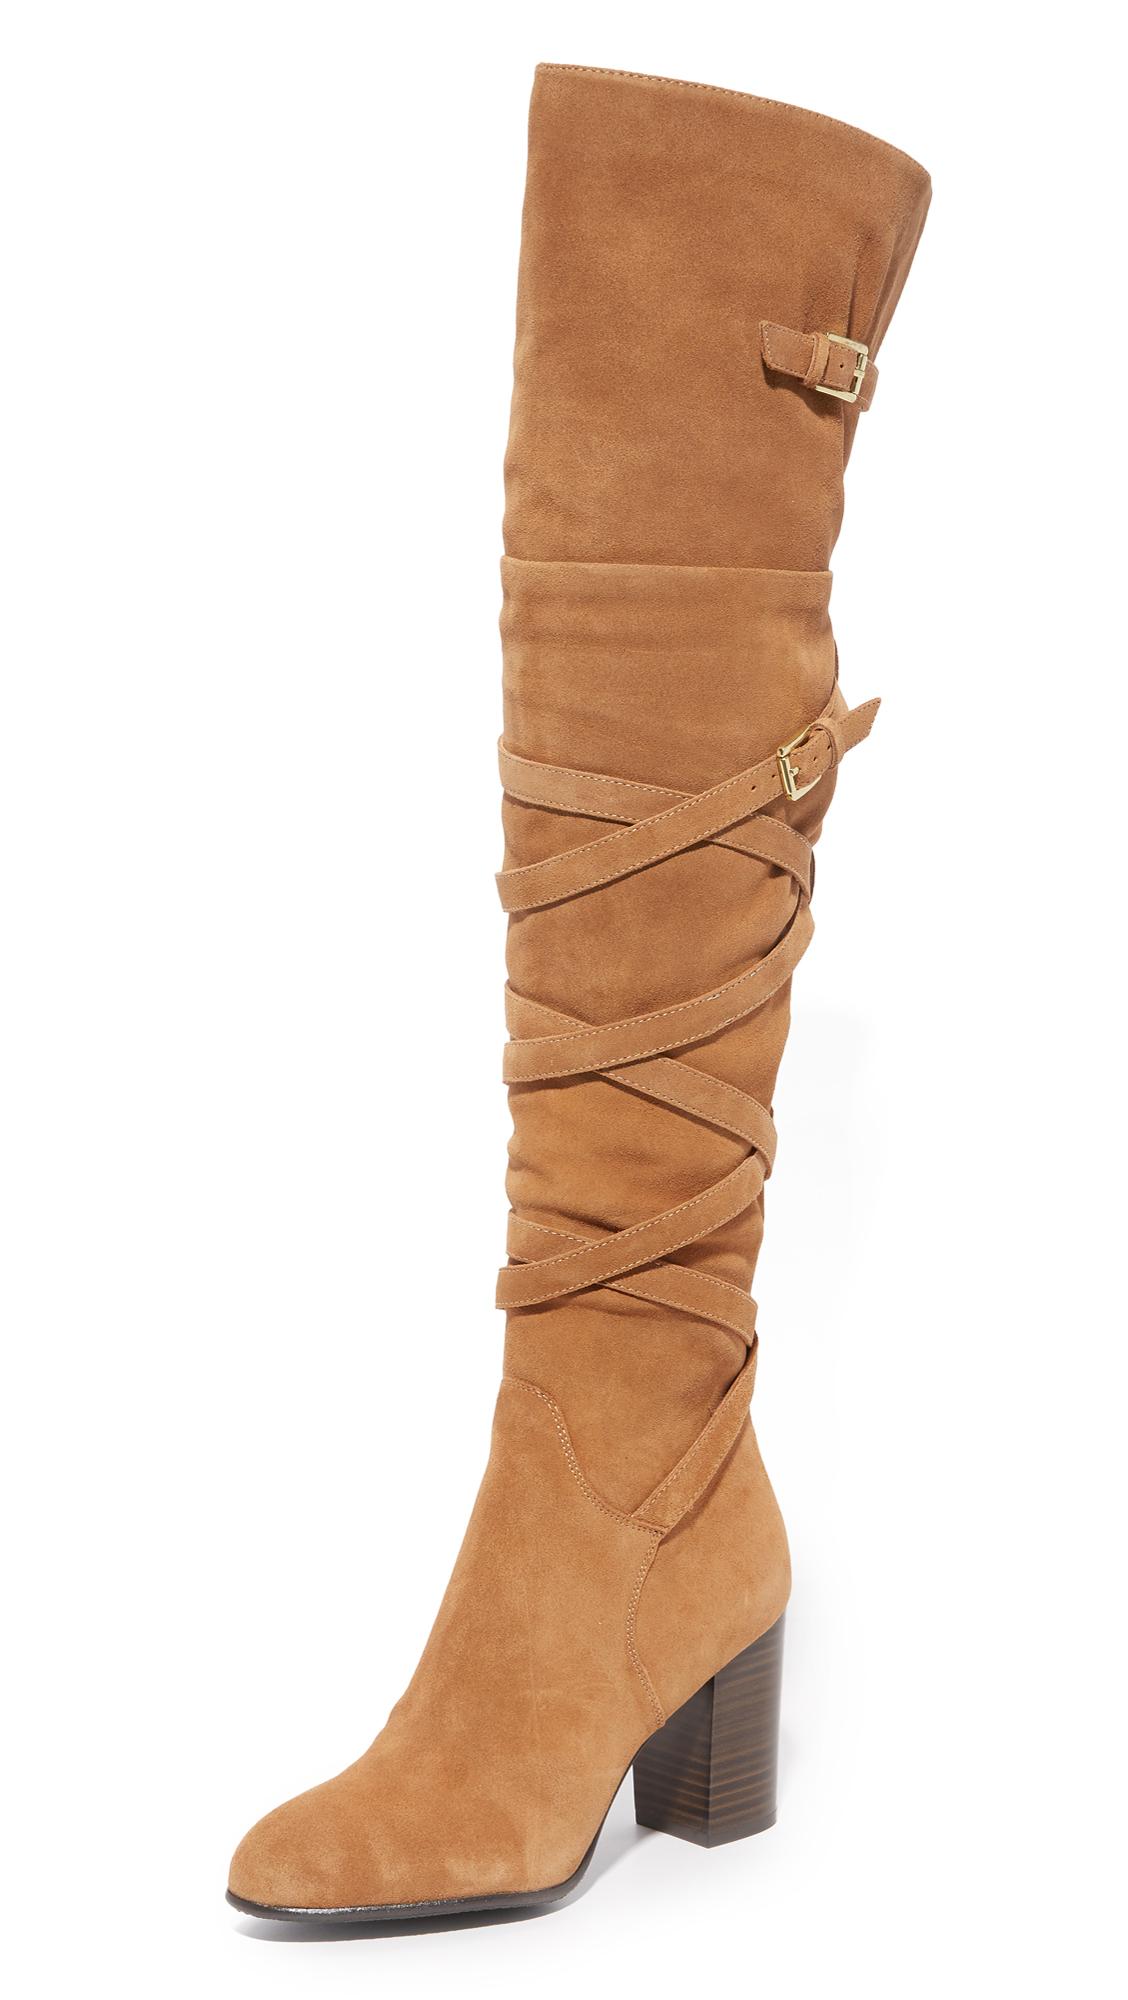 Sam Edelman Sable Over The Knee Boots - Golden Caramel